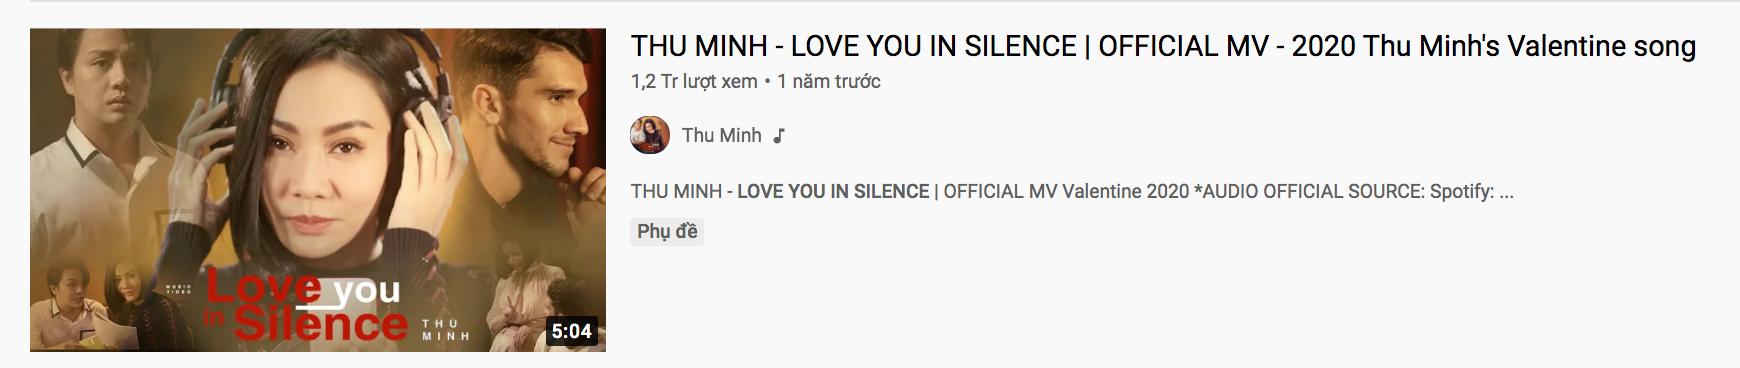 MV được Thu Minh đăng tải cách đây hơn 1 năm